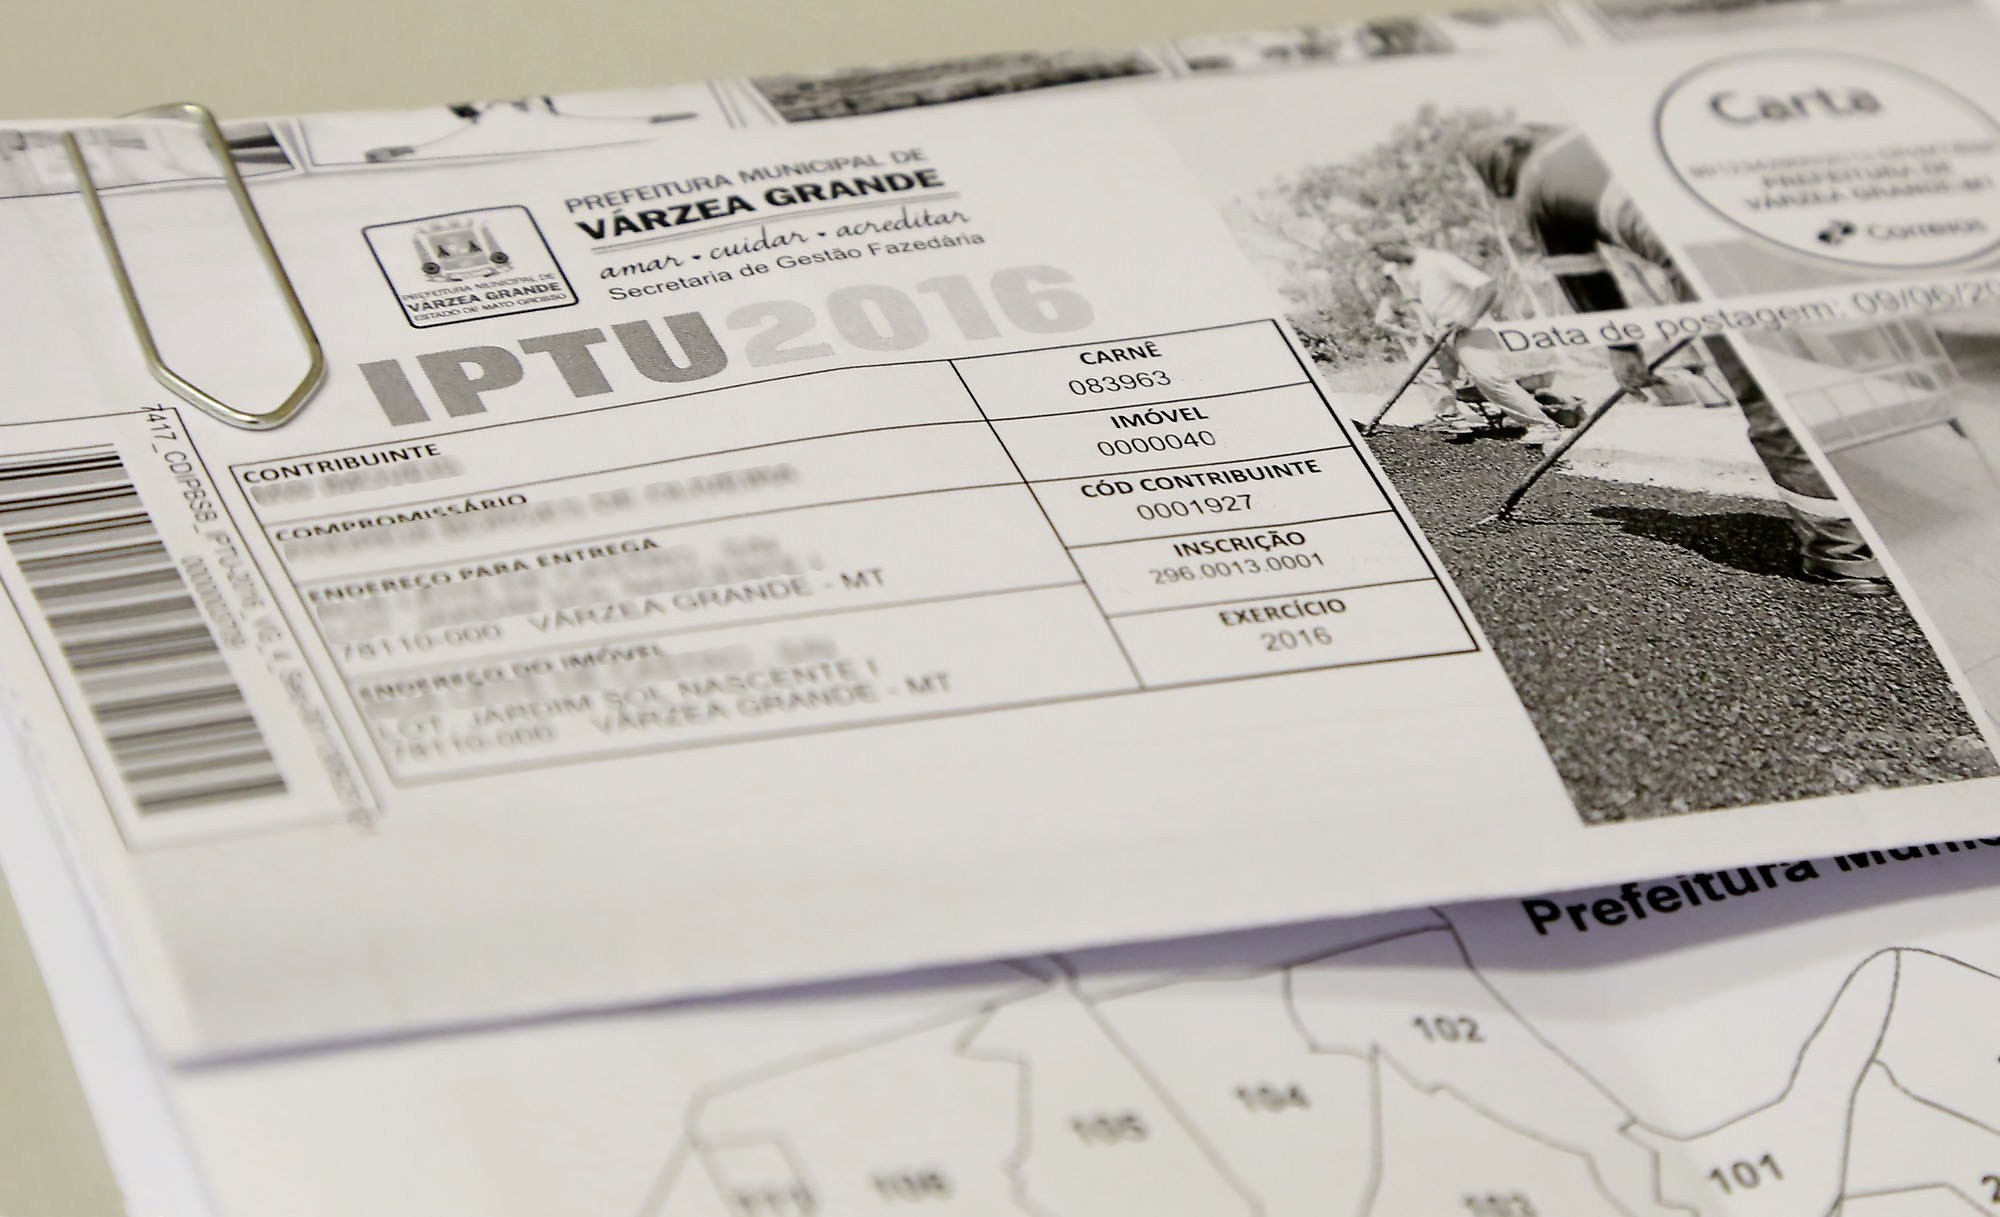 Começa hoje Mutirão Fiscal com 100% de descontos em juros e multas